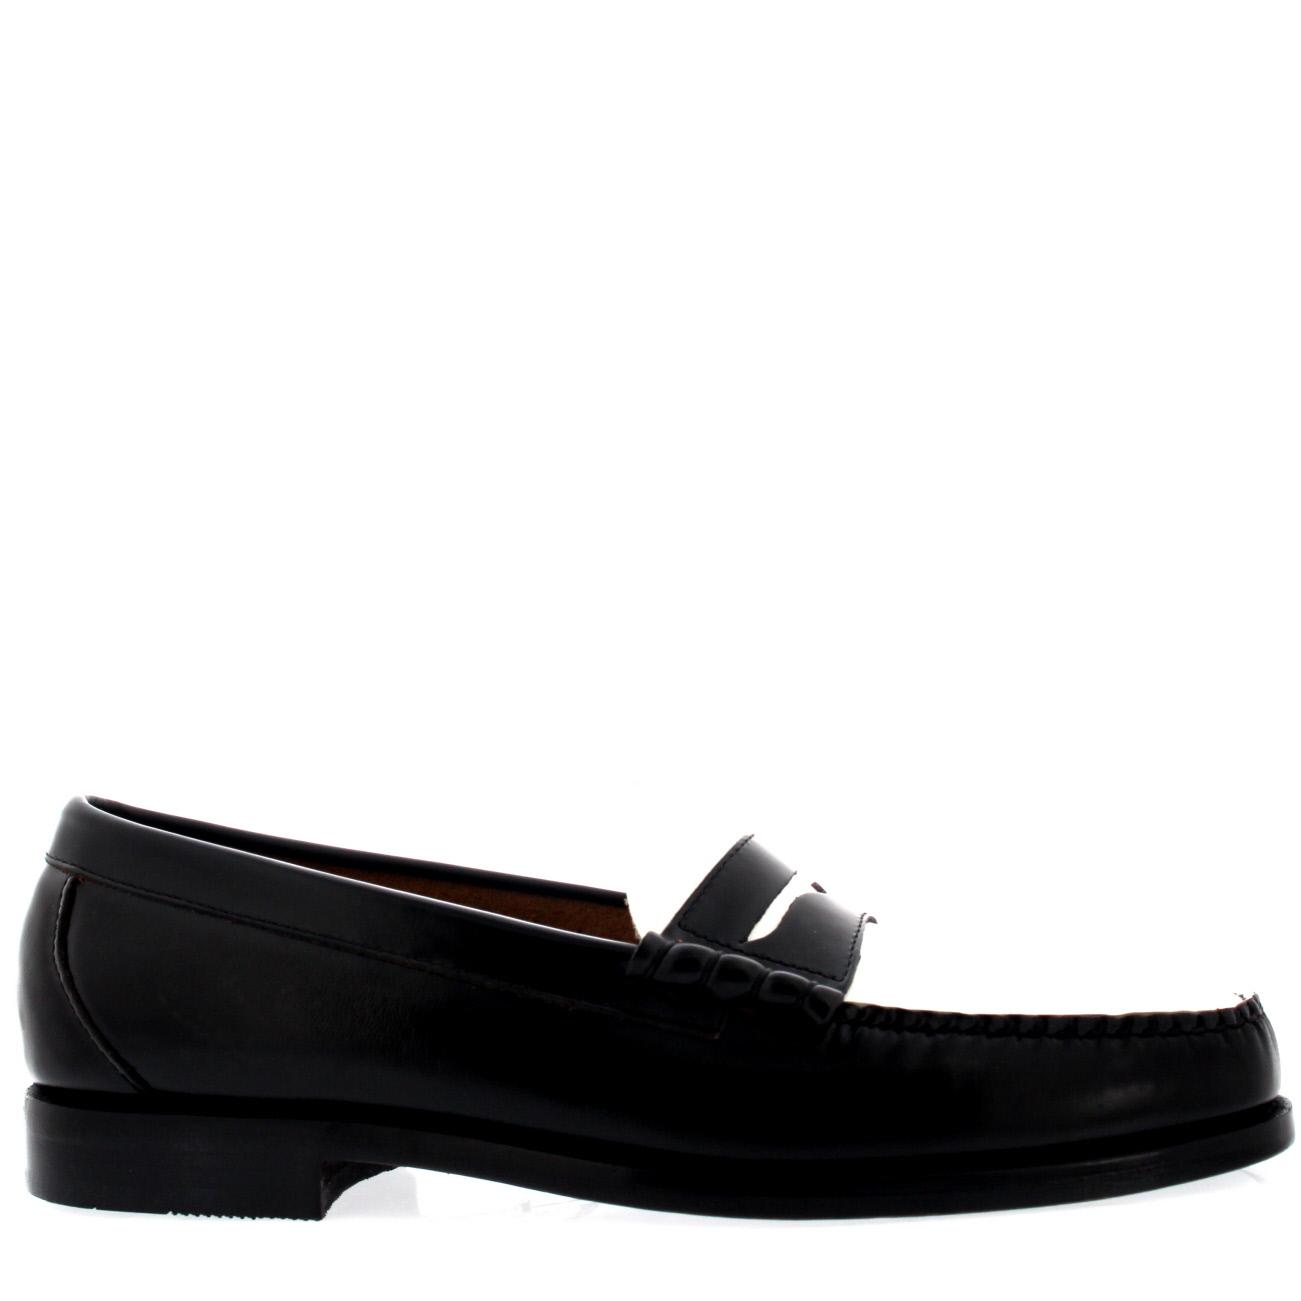 Mens Weejun Larson Moc Penny Brown Leather Shoes 43 EU G.H. Bass & Co. Billig Extrem Auslass Günstiger Preis Günstig Kaufen Spielraum Am Besten Zu Verkaufen SO96Xgp